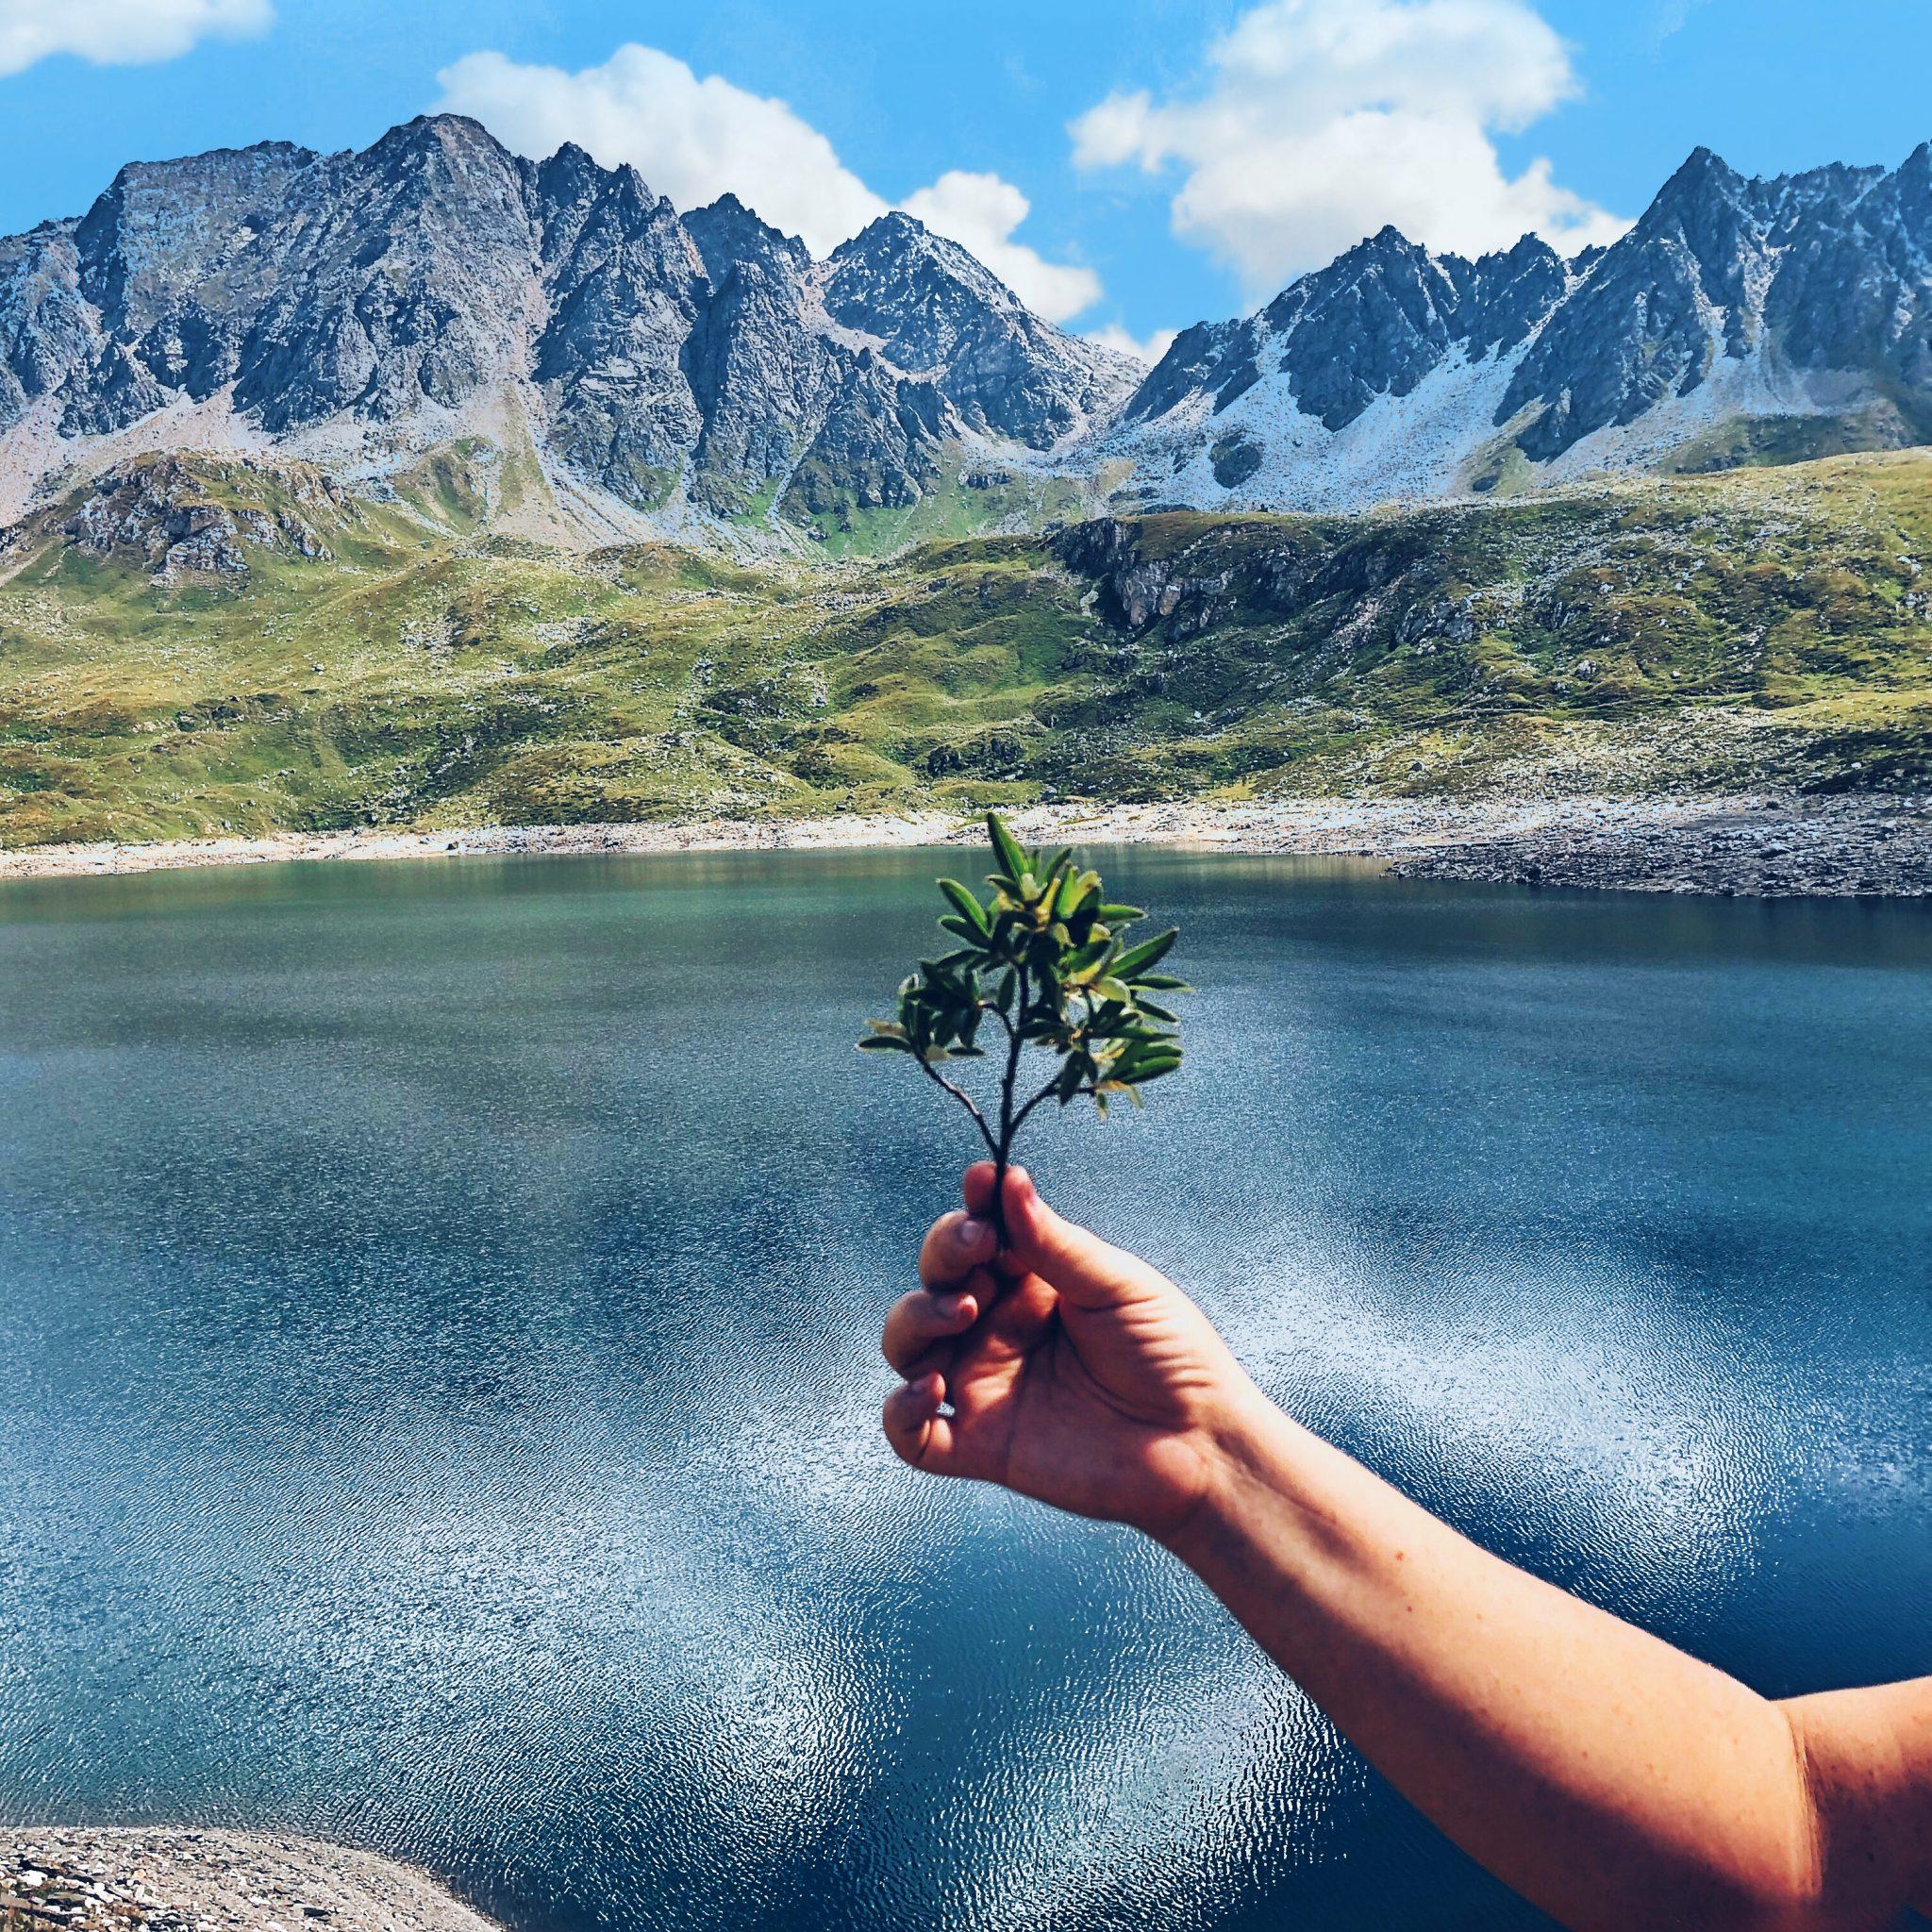 Mano che tiene un rametto con foglie verdi con paesaggio estivo di montagne sullo sfondo - foto di tatianaberlaffa.com